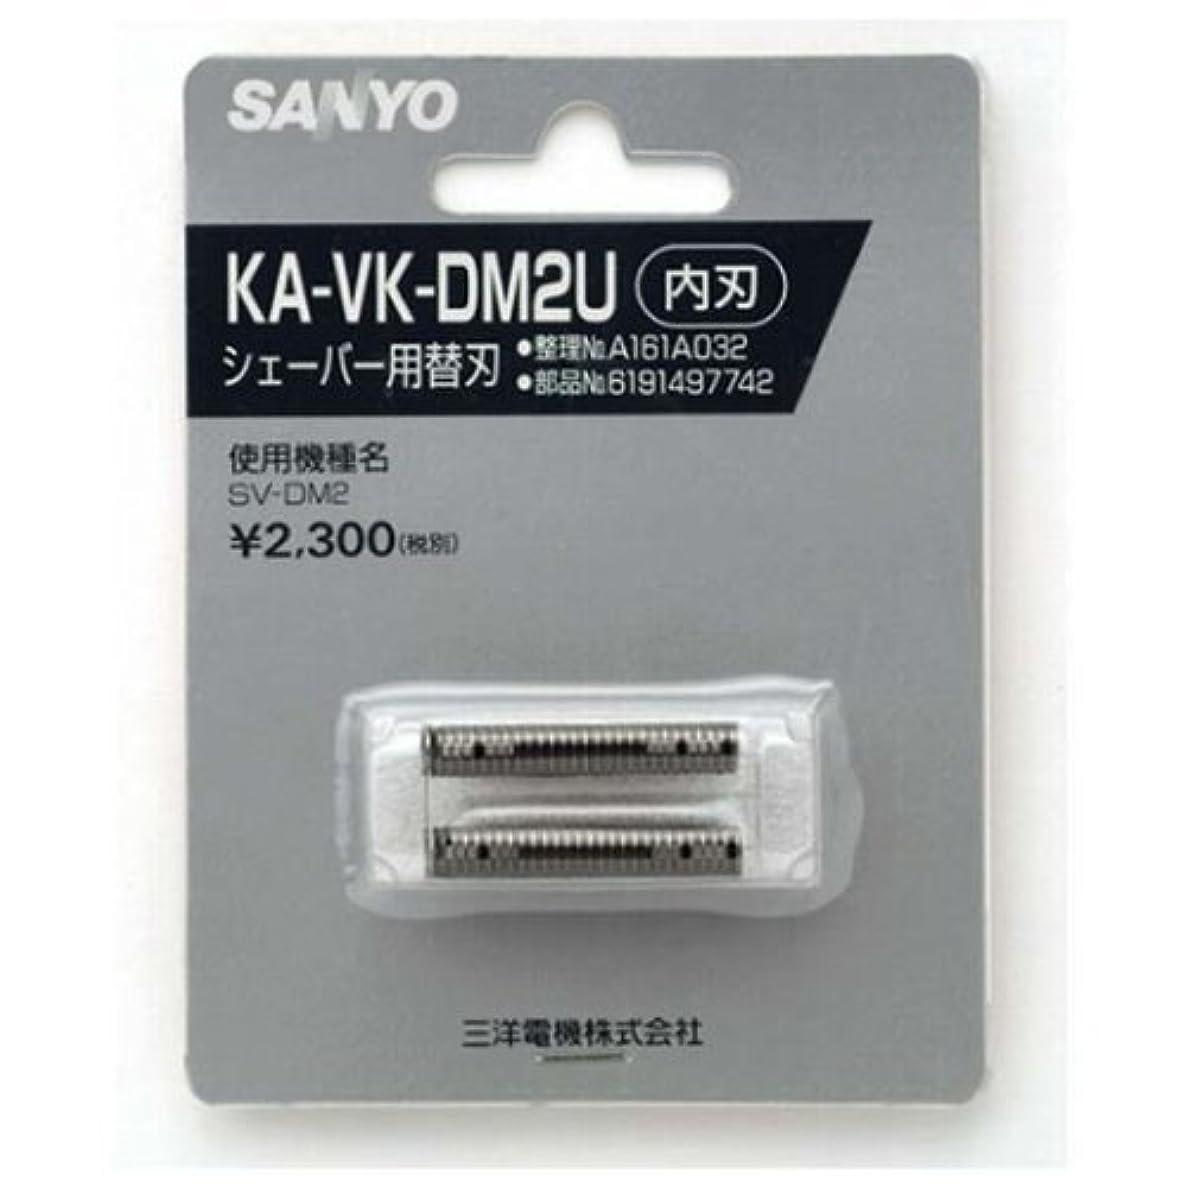 コマース貧困懺悔サンヨー 交換用替刃(内刃) KA-VK-DM2U